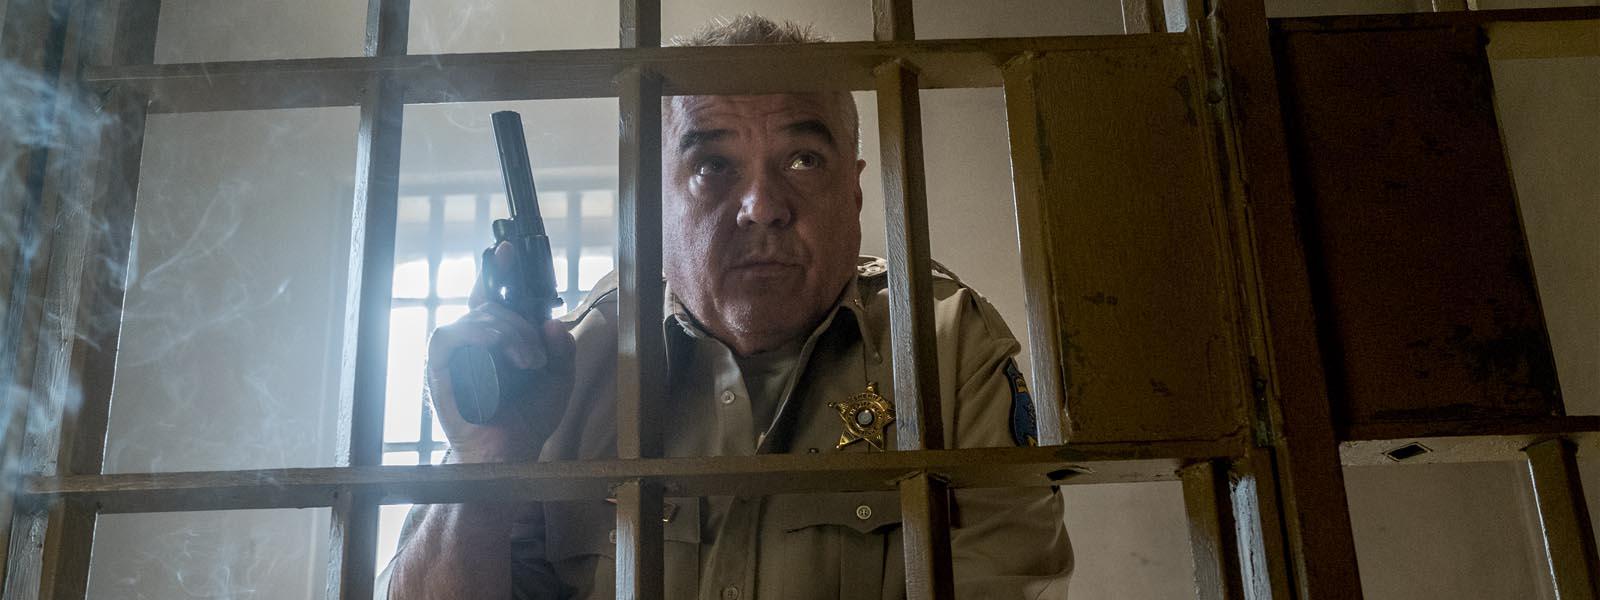 preacher-season-1-pre-109-sheriff-root-earl-brown-800×600